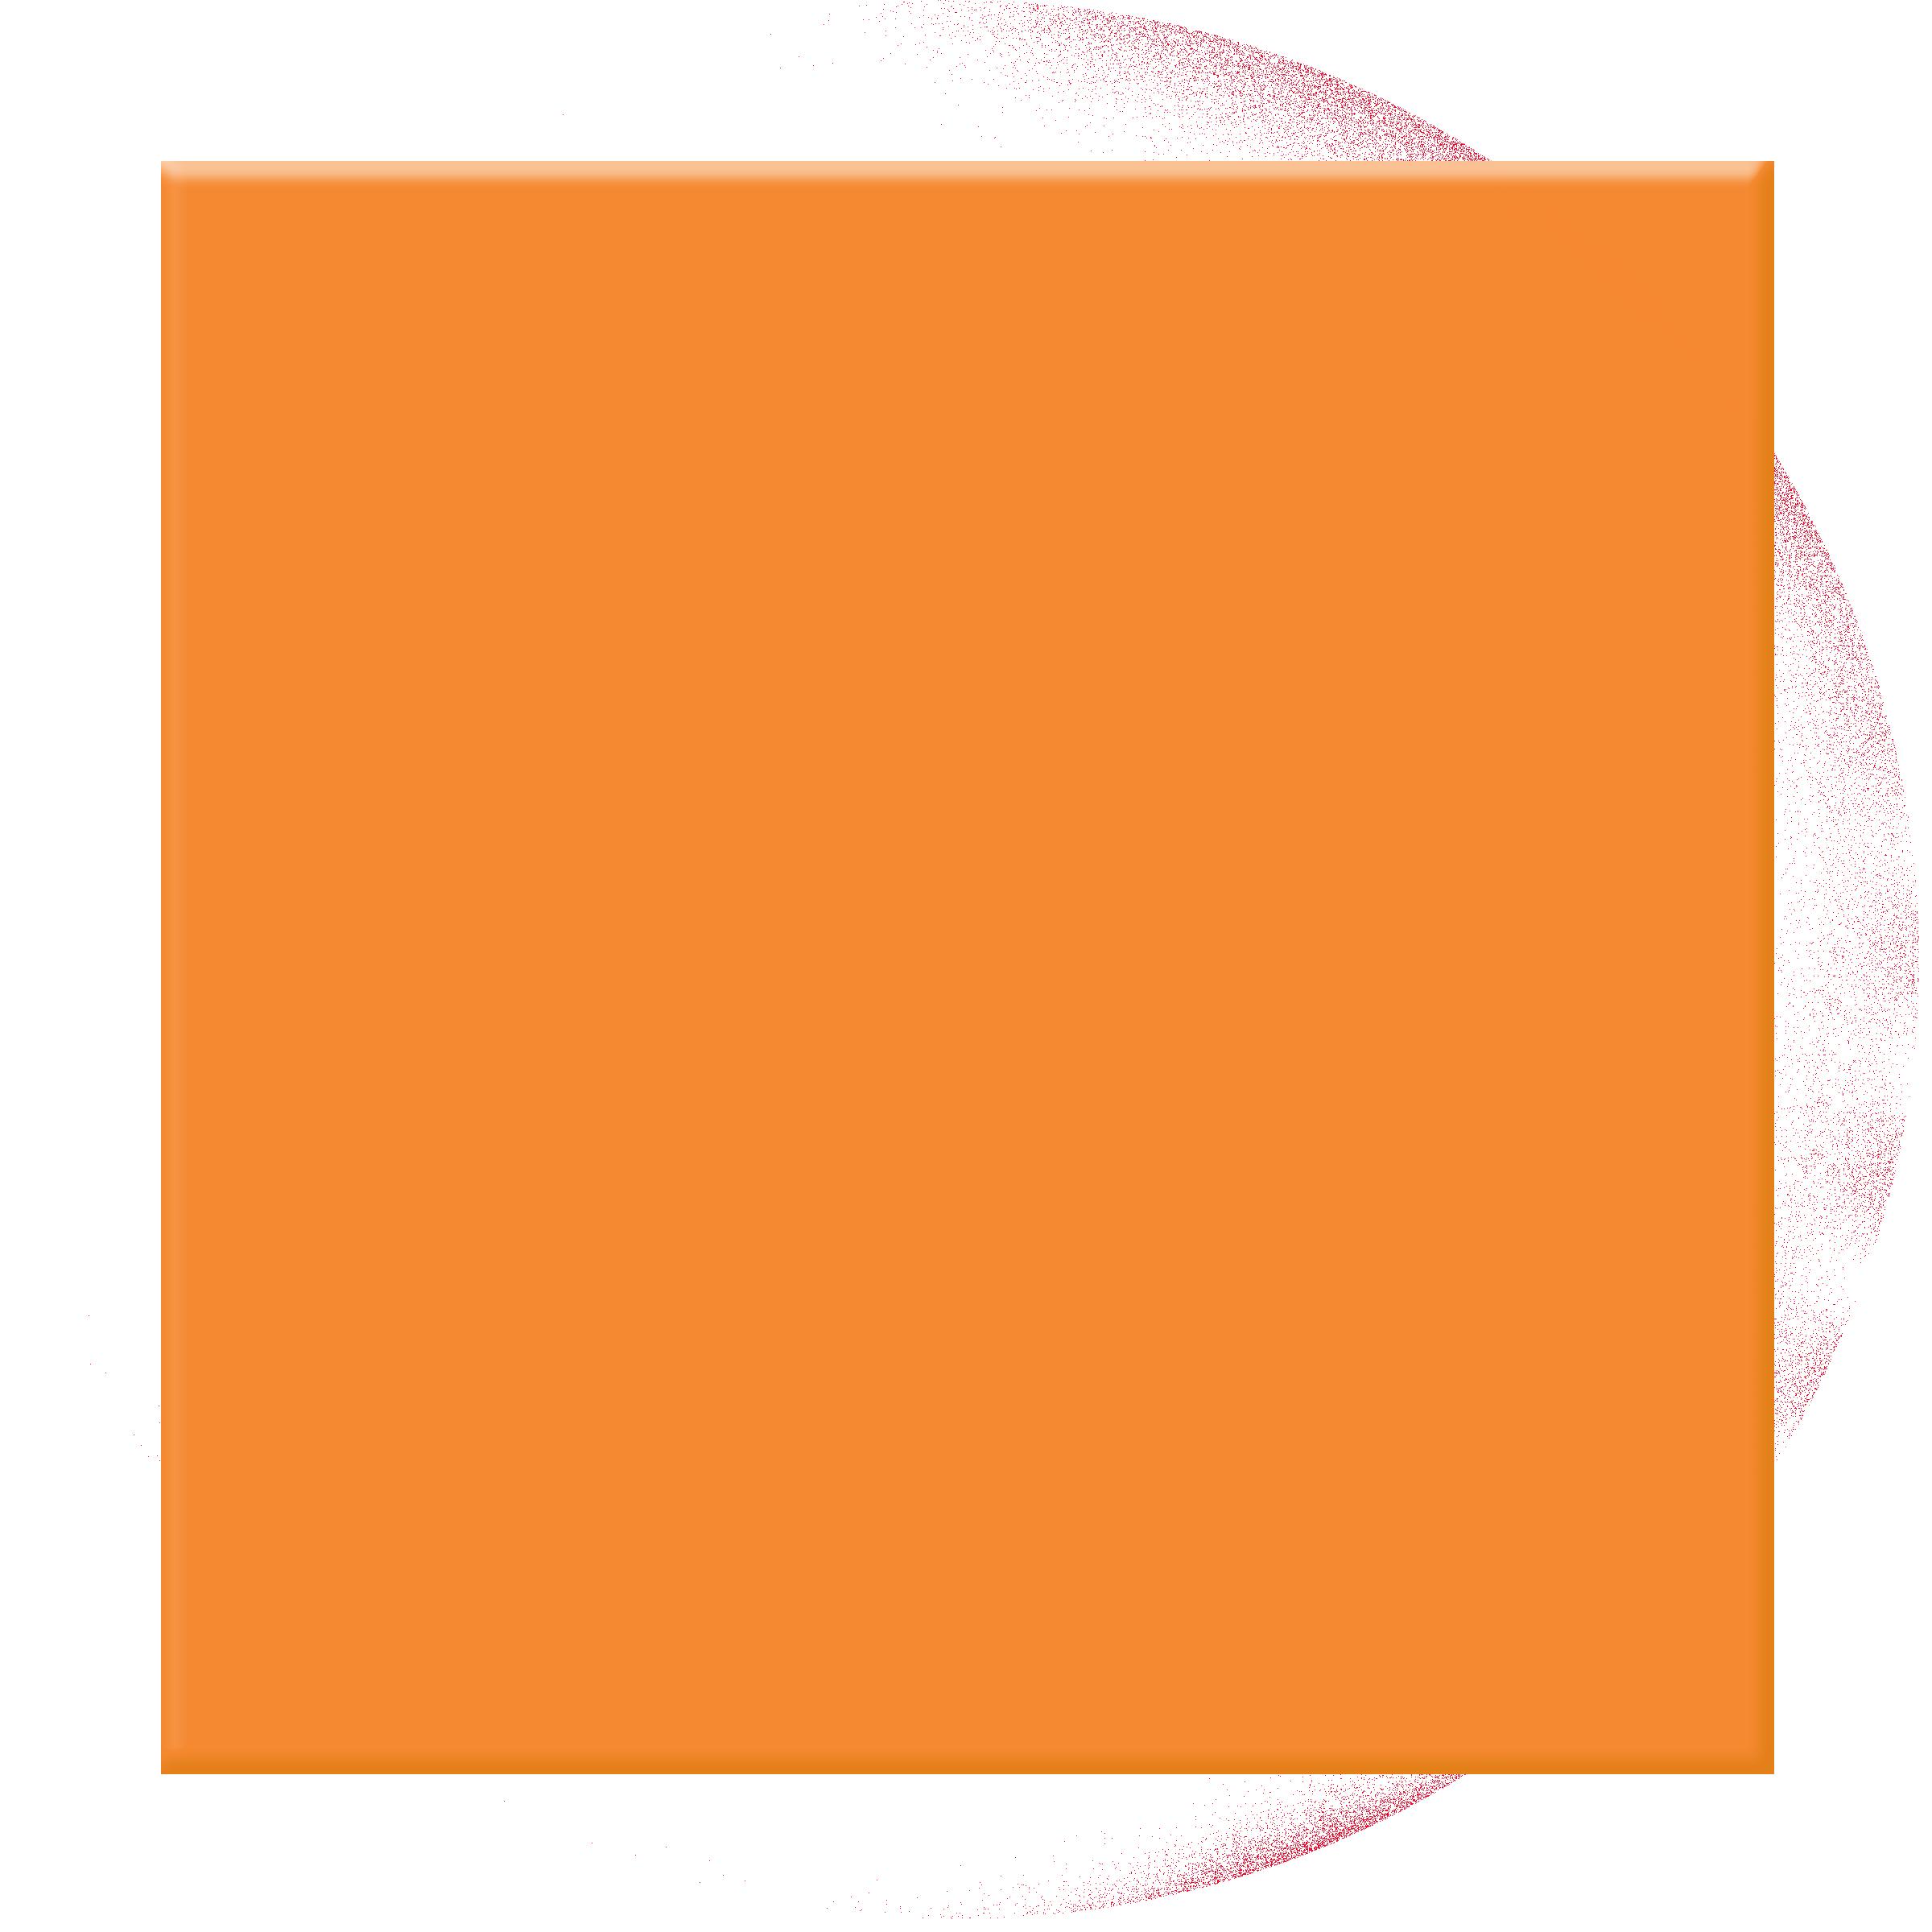 Square clipart yello.  collection of orange